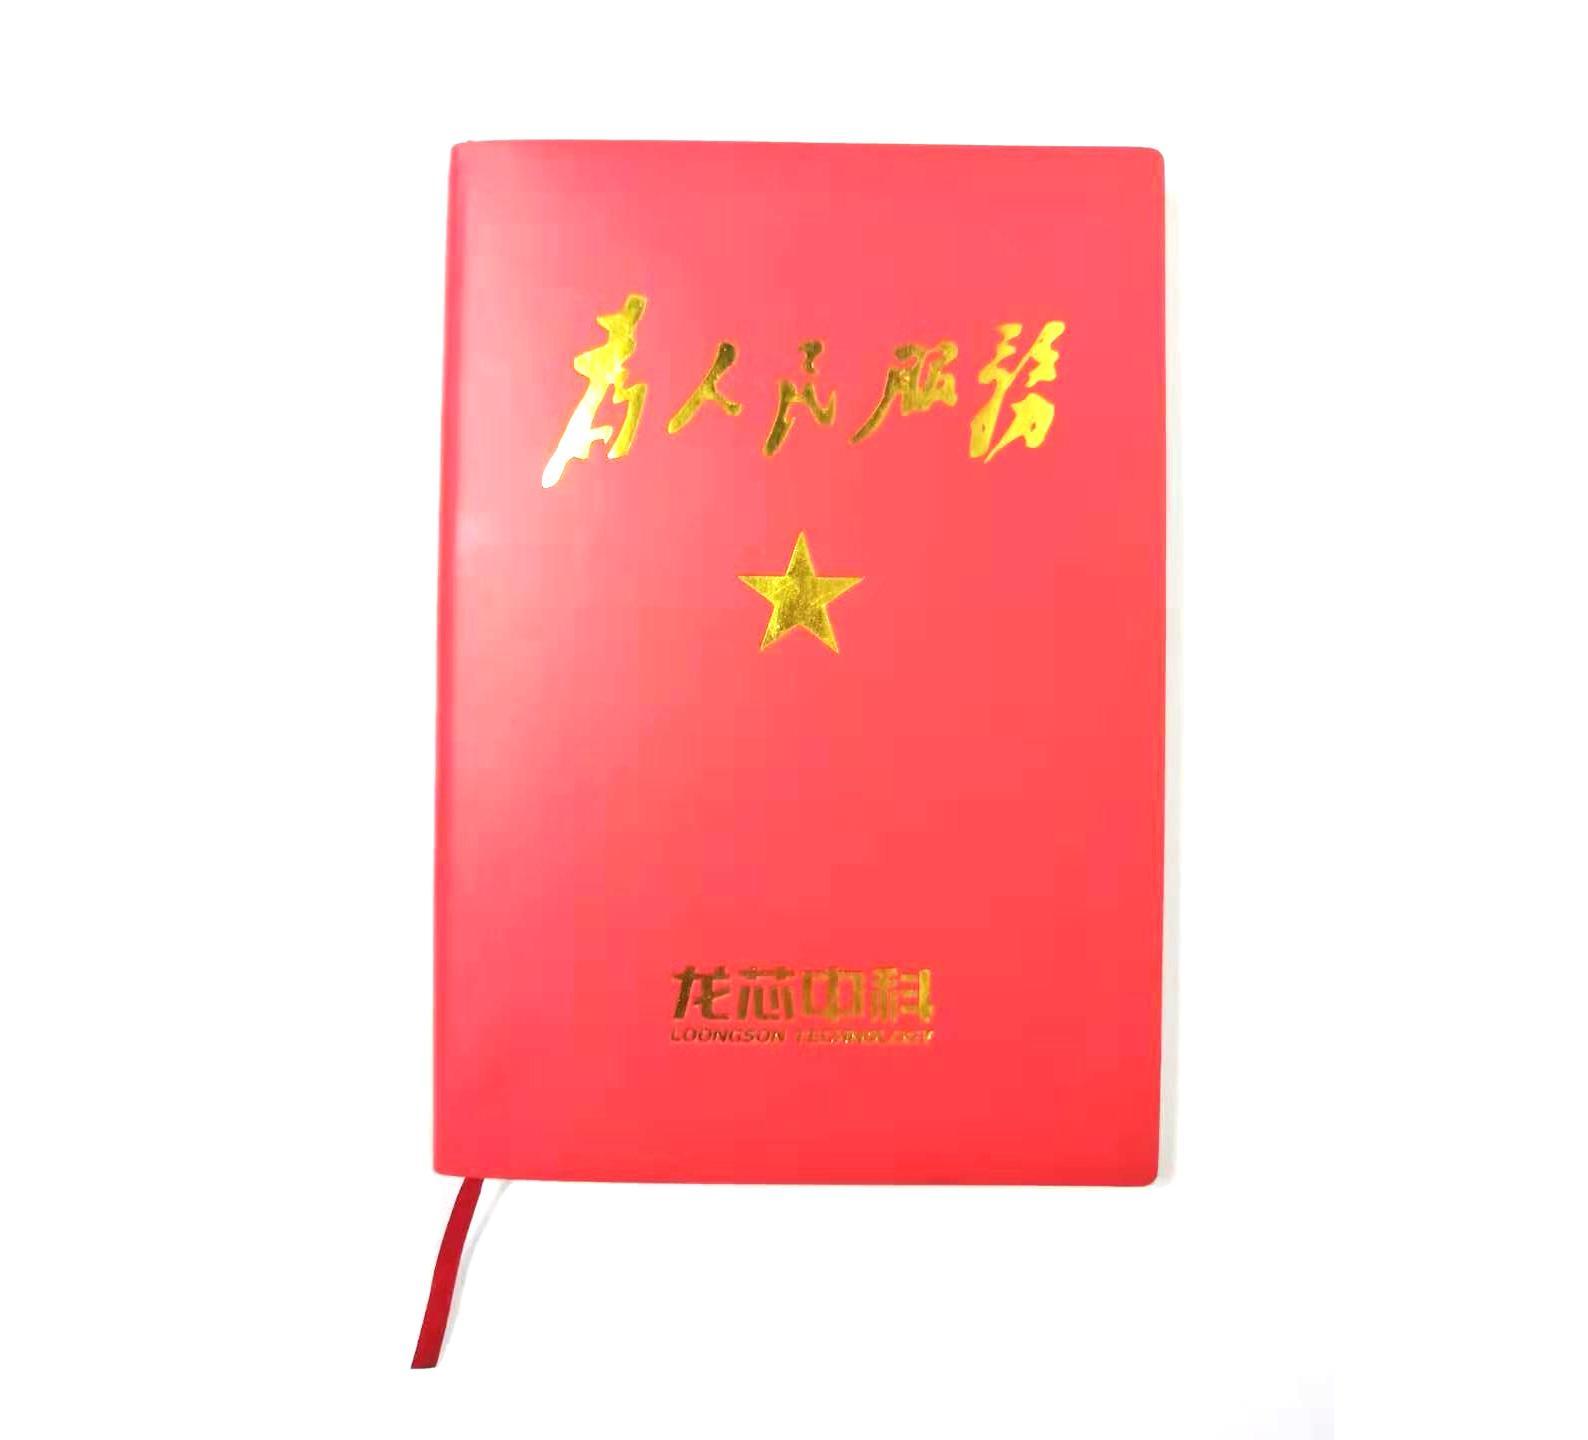 商务红色新款笔记本A5工作会议记录本手册本子记事本pu皮面日记本可定制logo